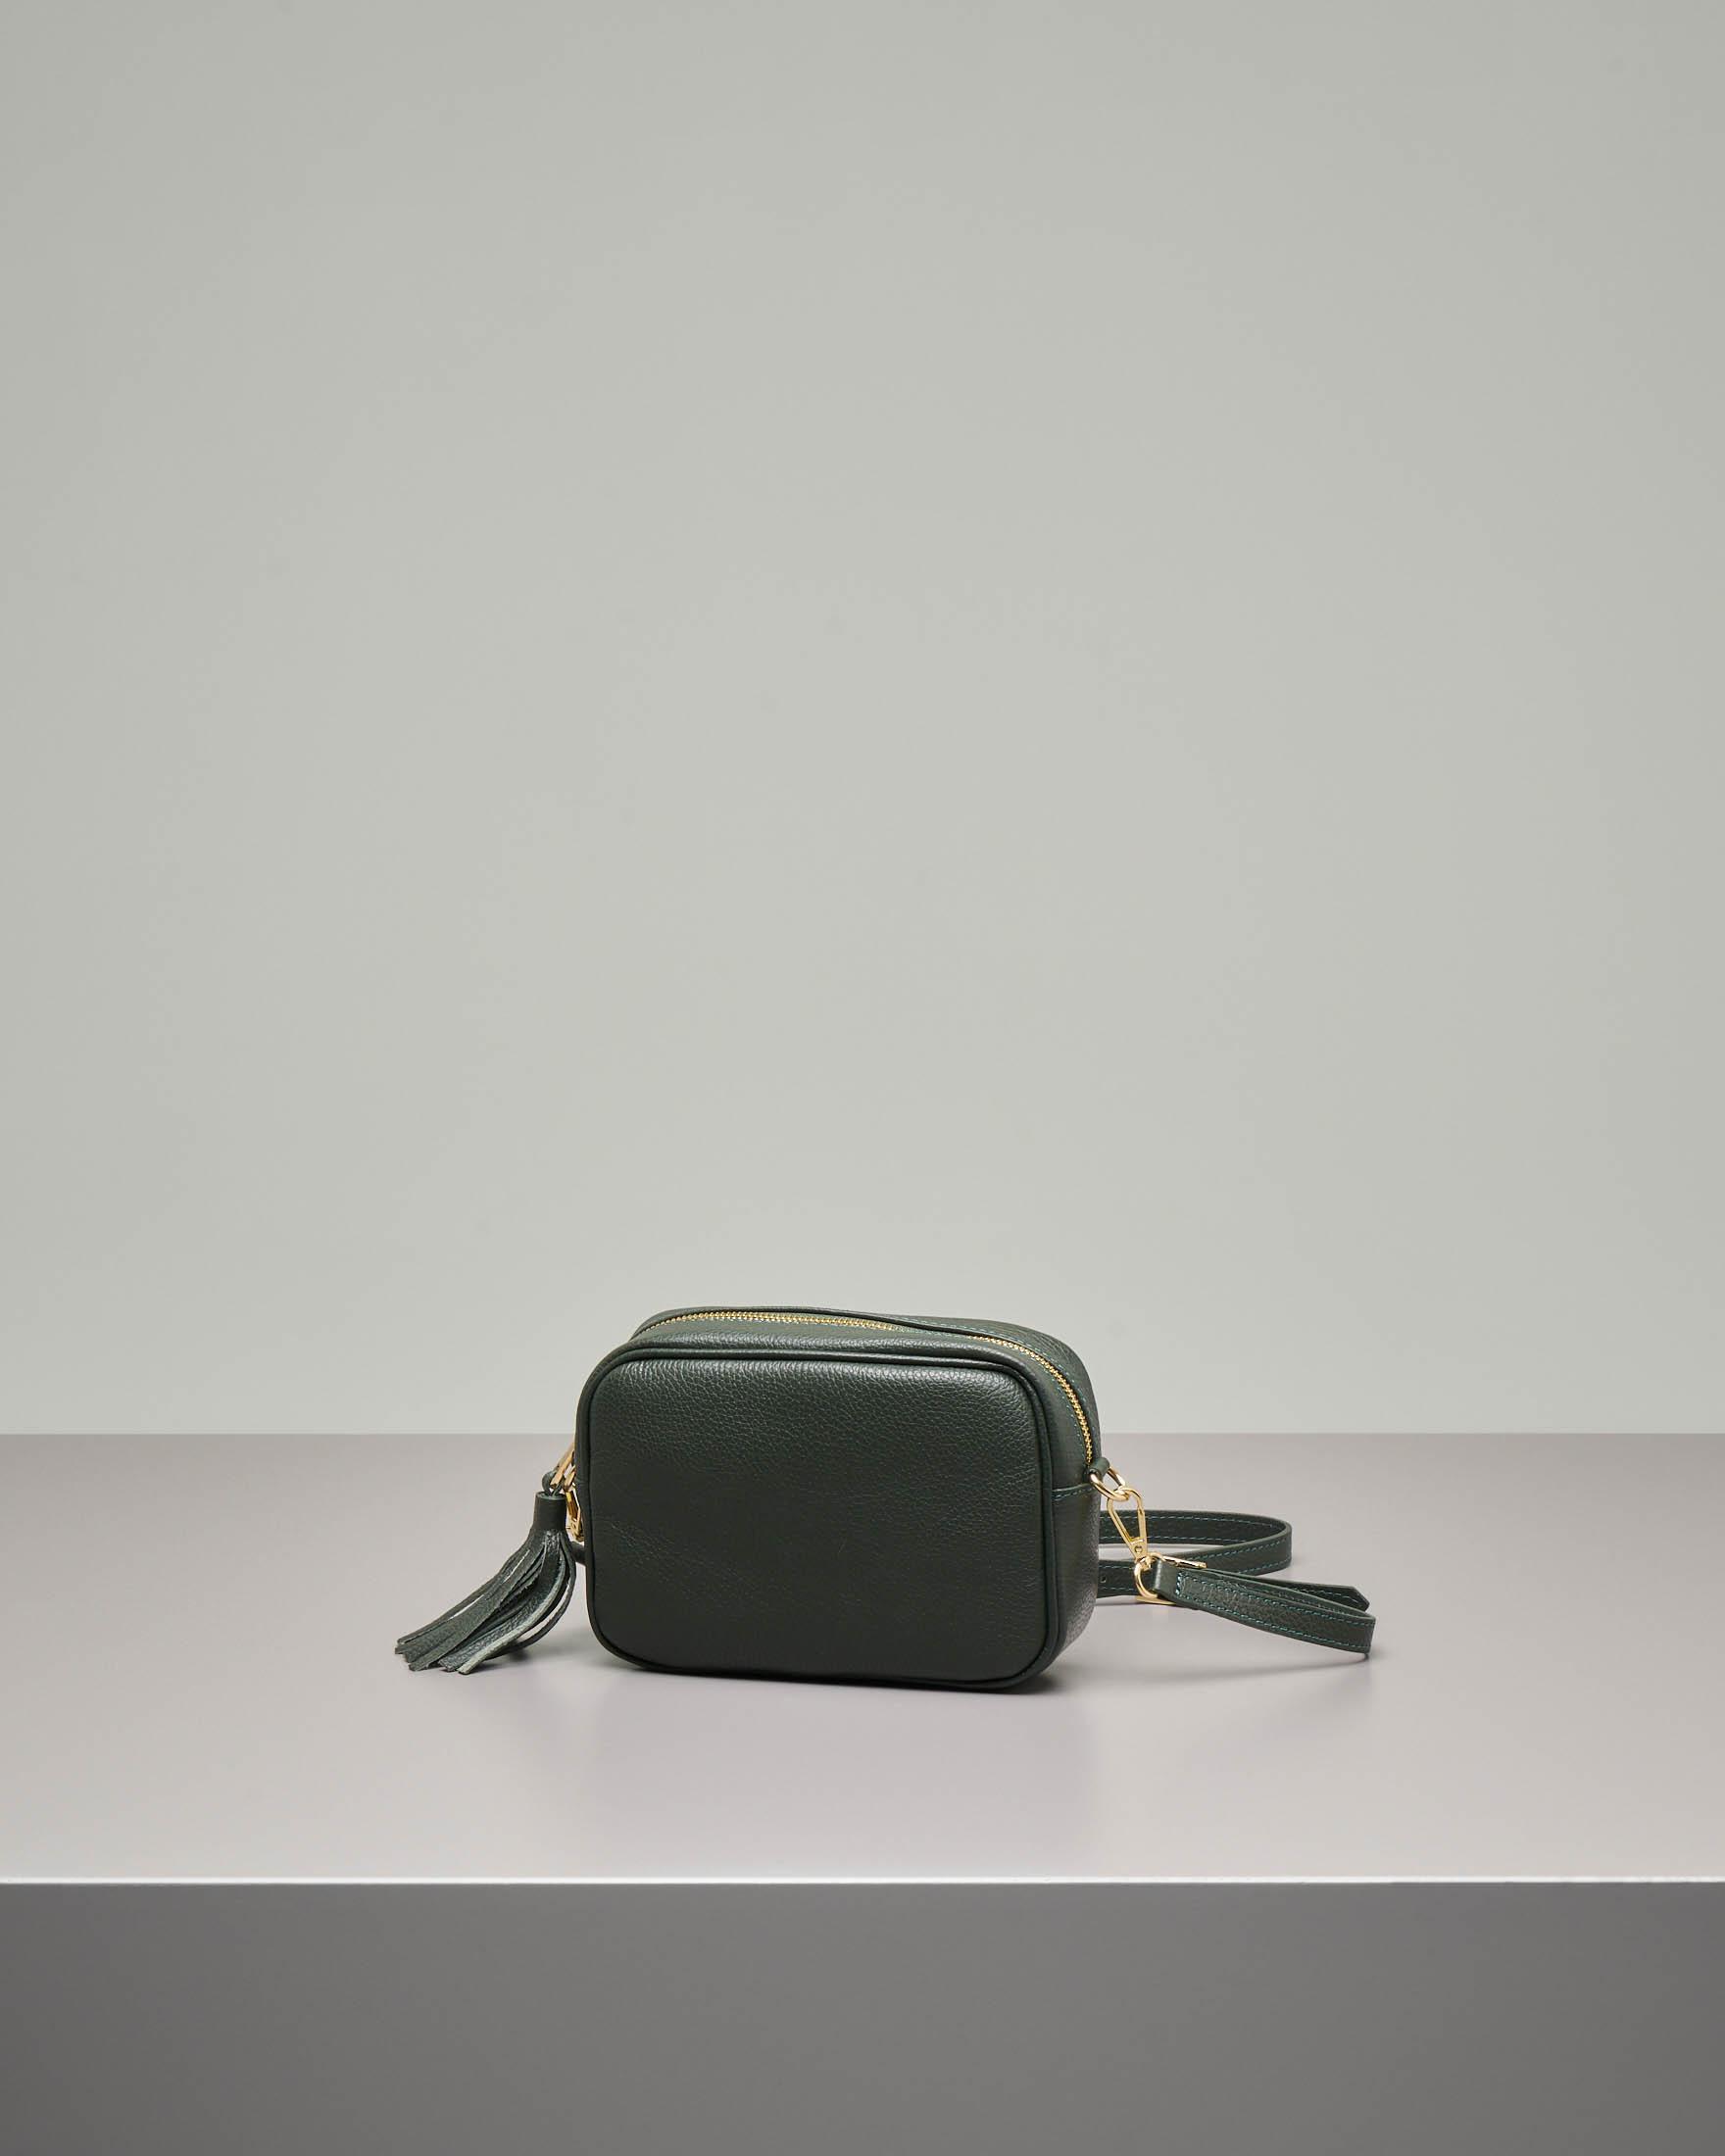 Cross bag in pelle verde scuro effetto martellato con nappina abbinata